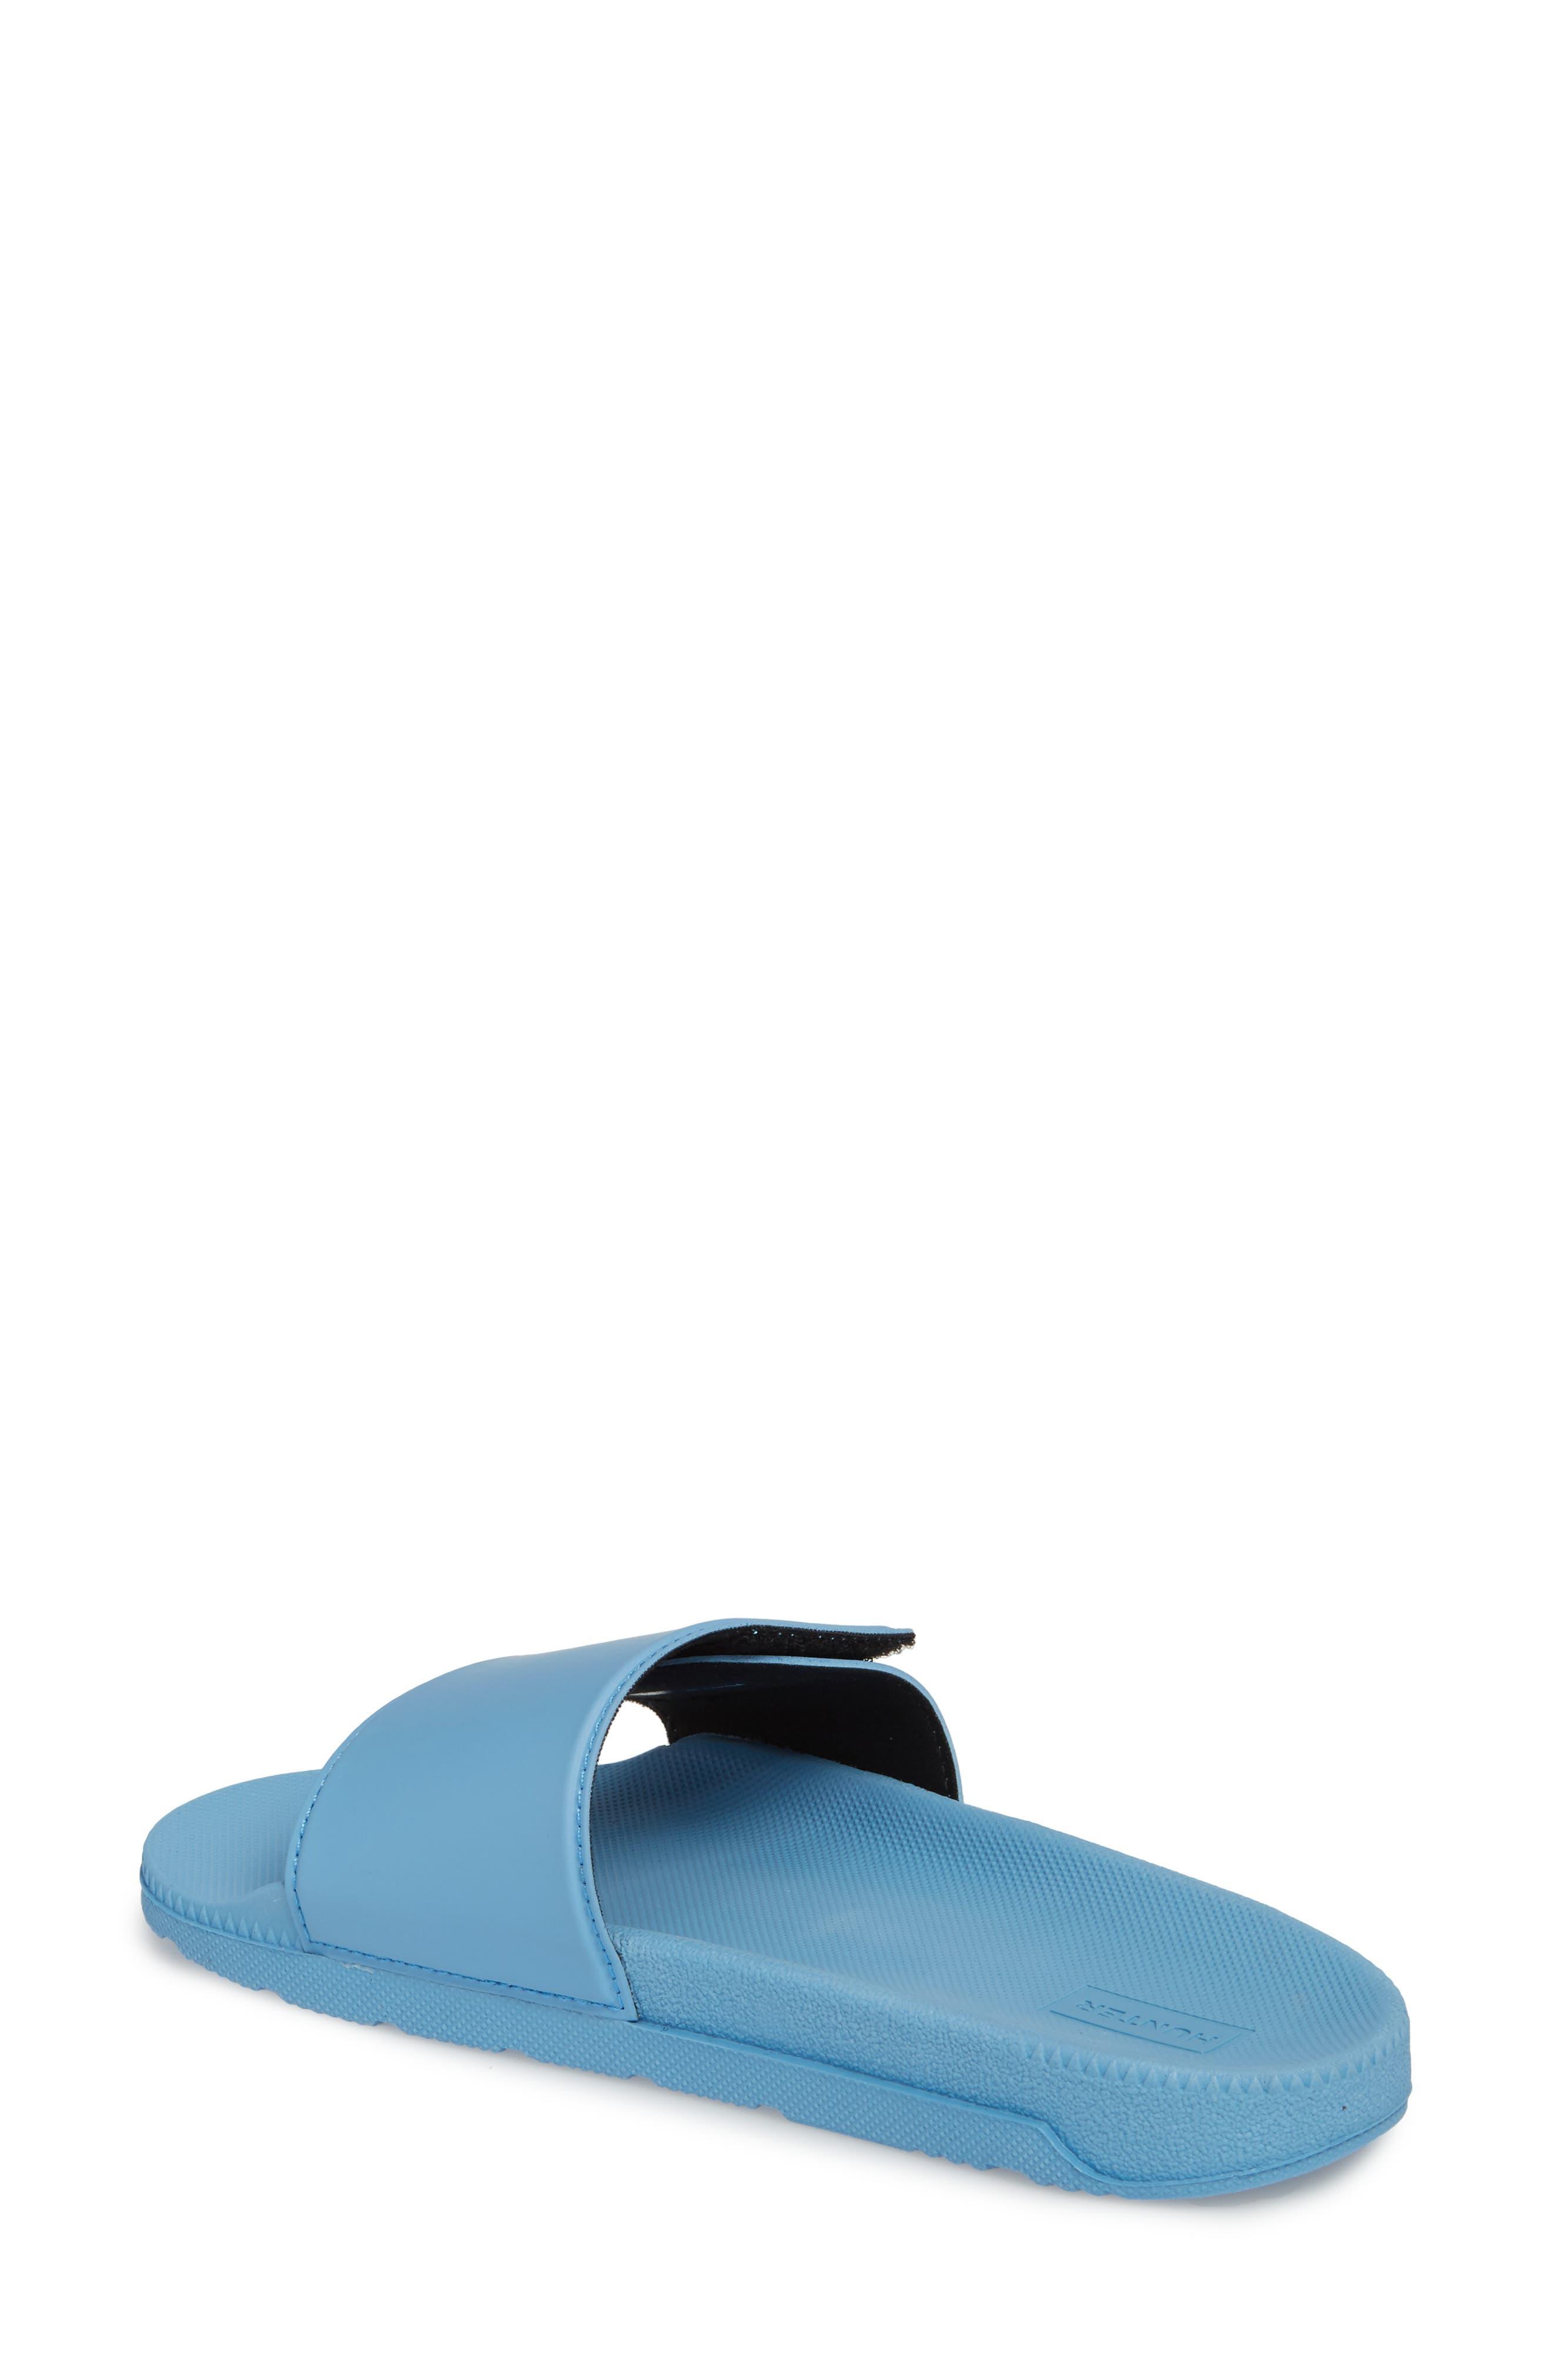 Original Adjustable Slide Sandal,                             Alternate thumbnail 2, color,                             Forget Me Not Blue